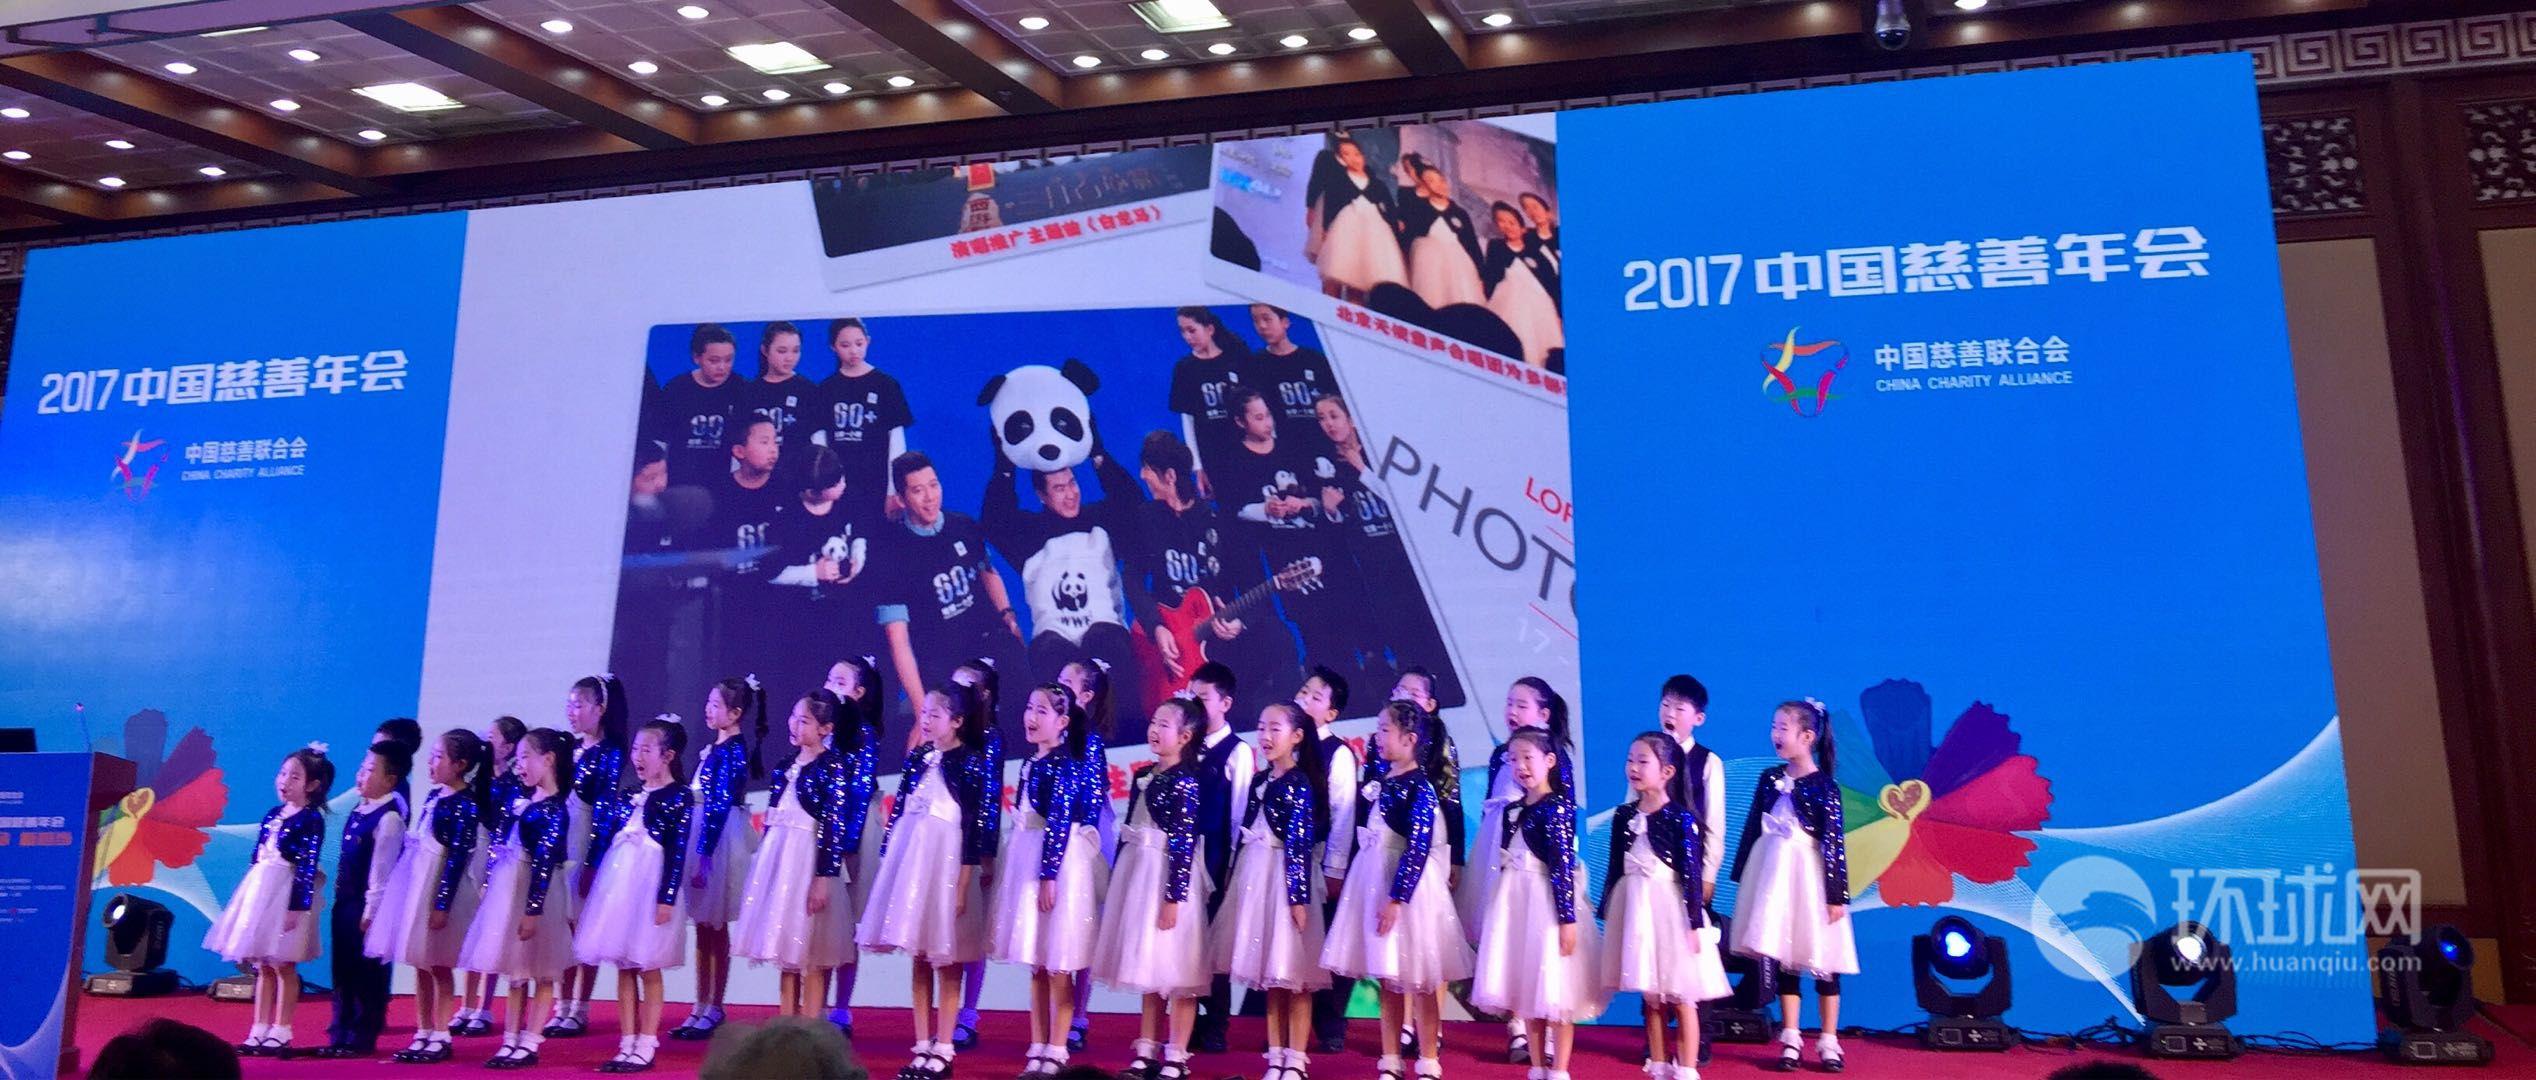 第七届中国慈善年会:打出慈善扶贫组合拳 为全球减贫贡献中国智慧